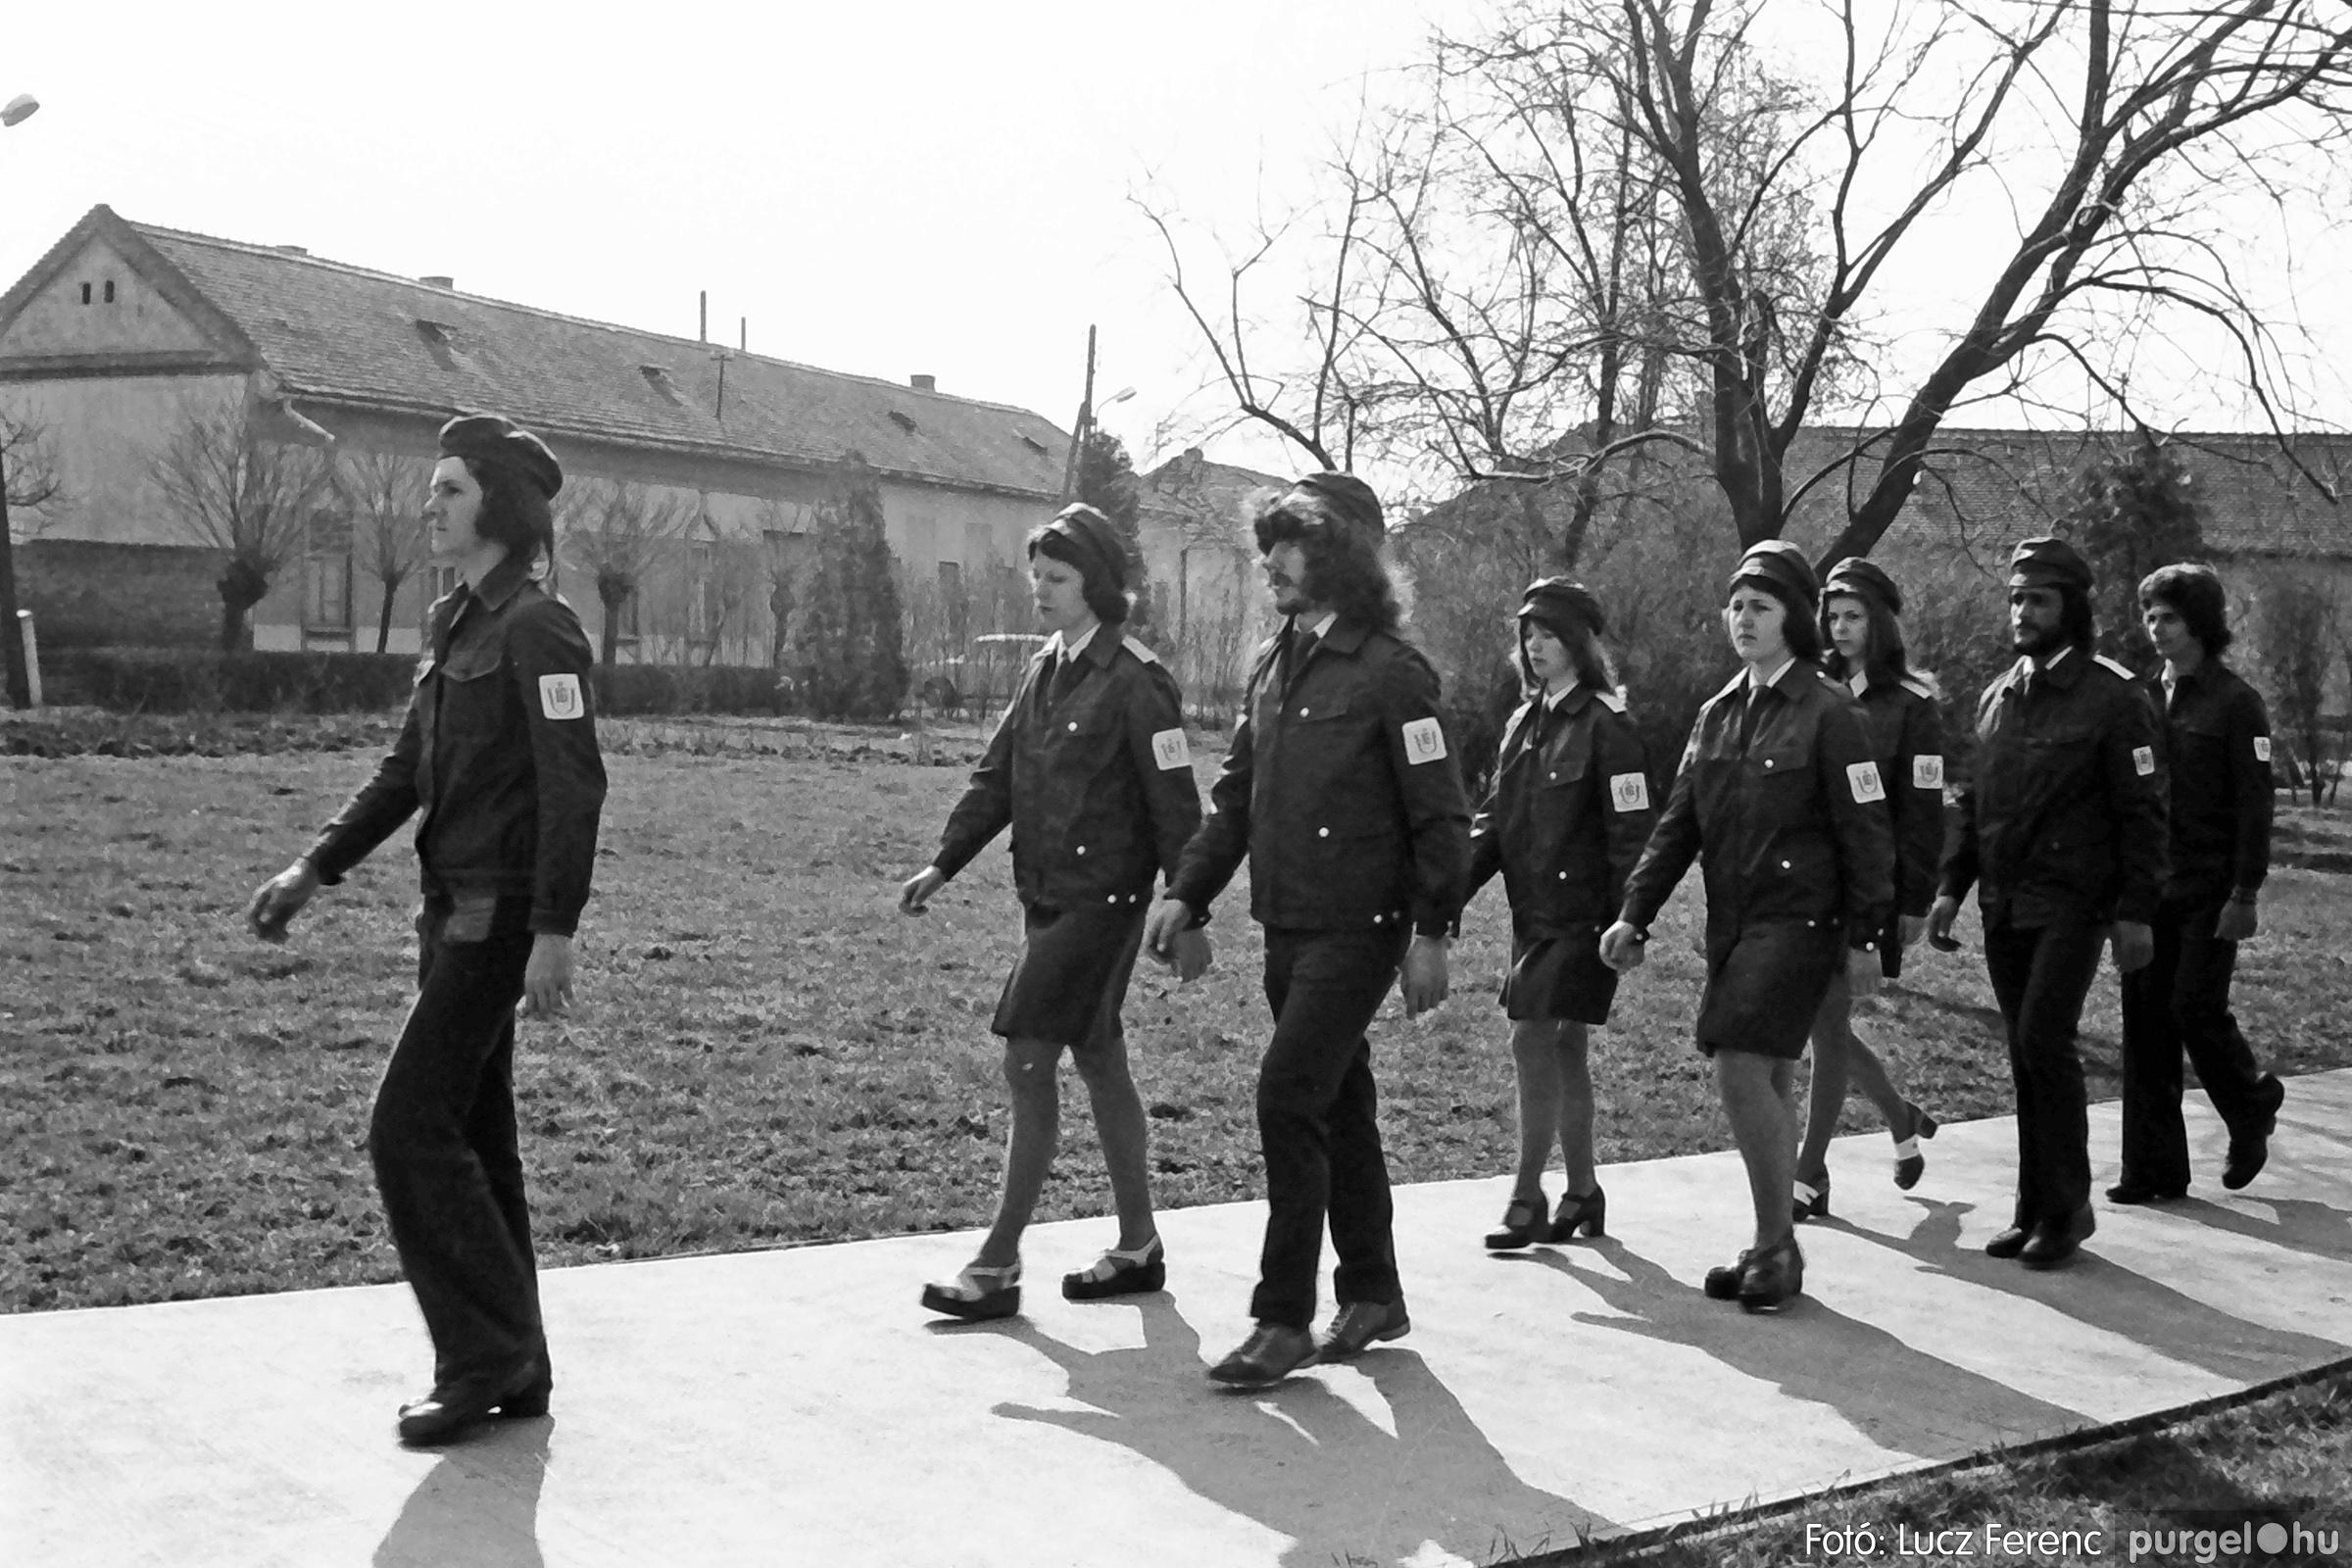 040. 1976.04.04. Április 4-i ünnepség 020. - Fotó: Lucz Ferenc - IMG00236q.jpg